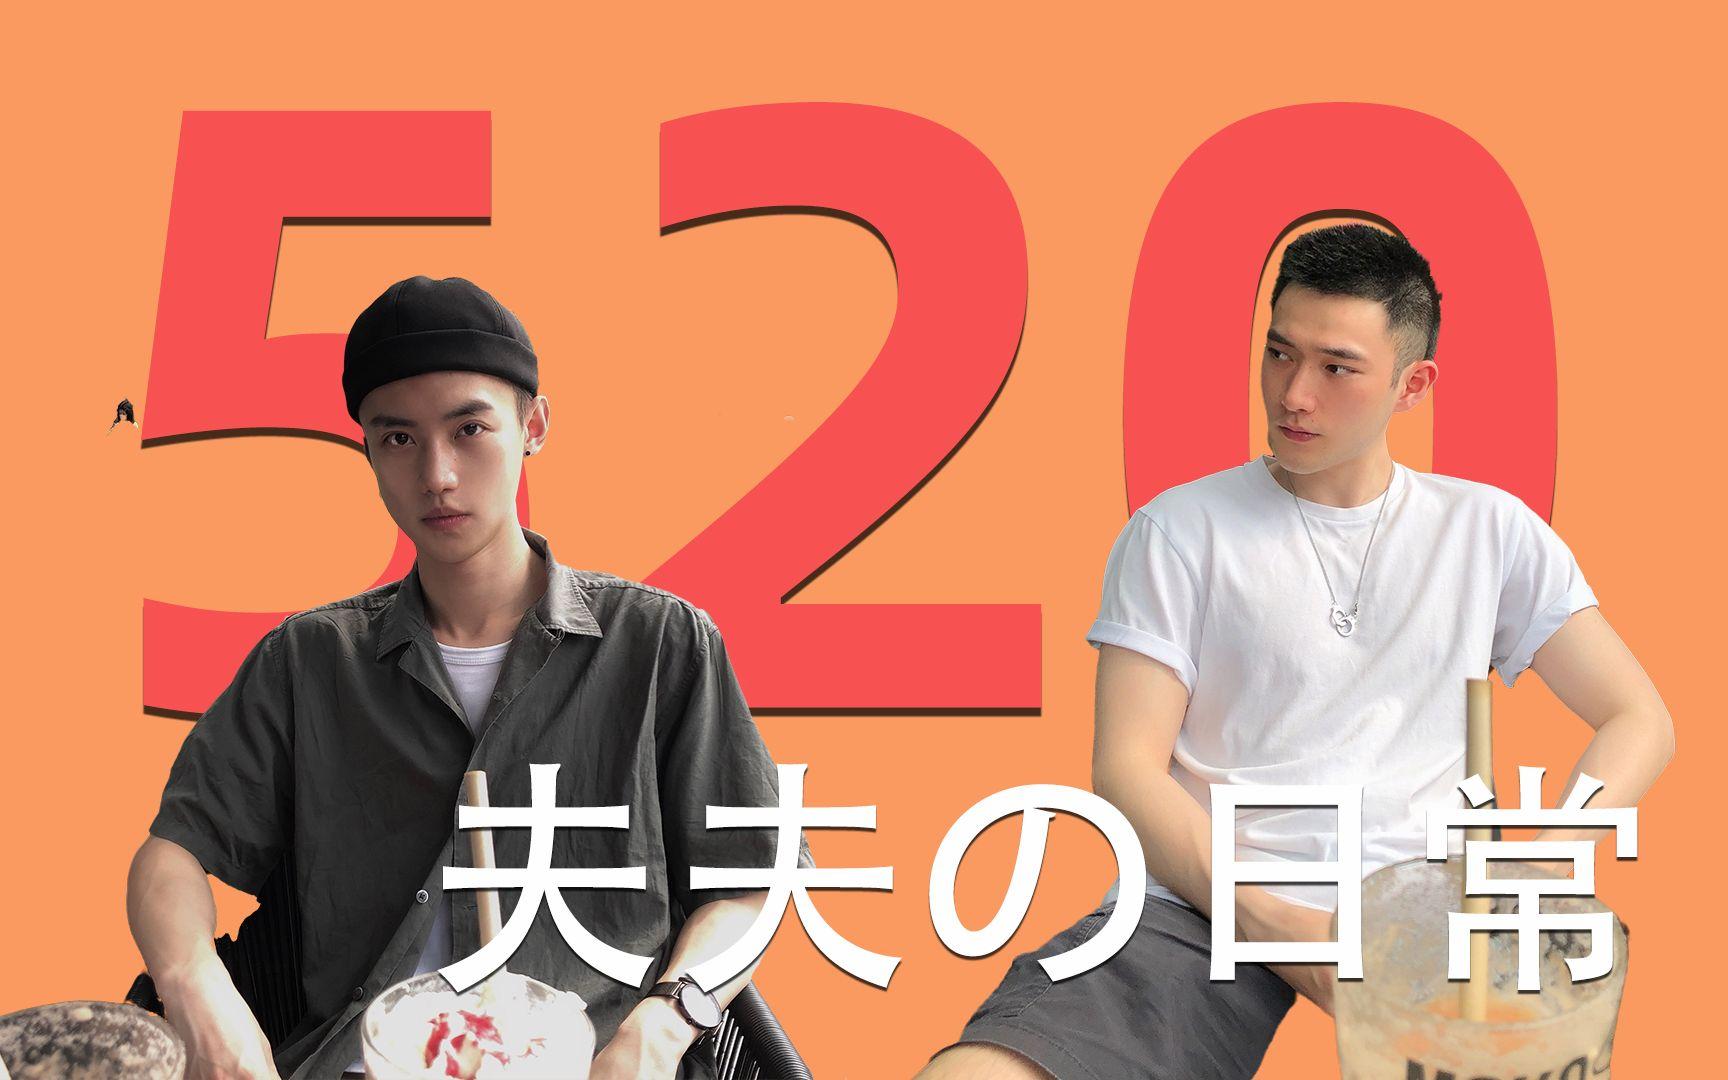 【嗷嗷杜X溜溜刘vlog#12】520特辑丨回到我们认识的那一天